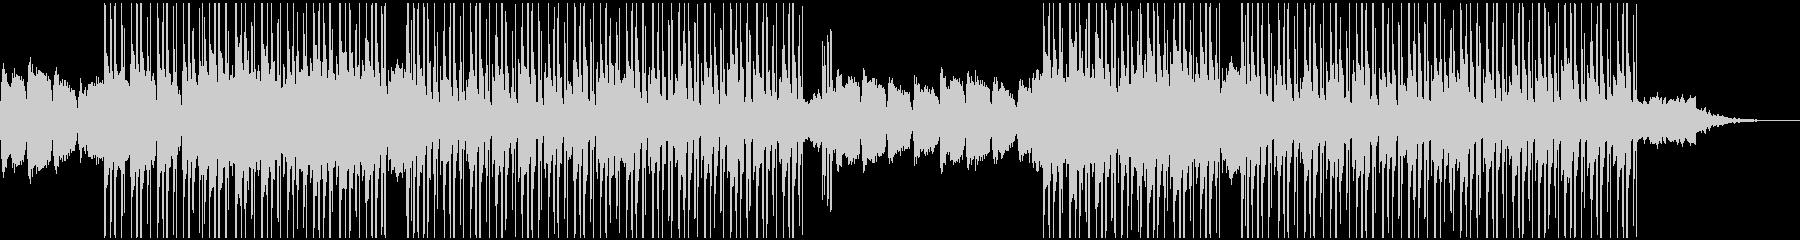 優しいピアノのBGM(チル系)の未再生の波形